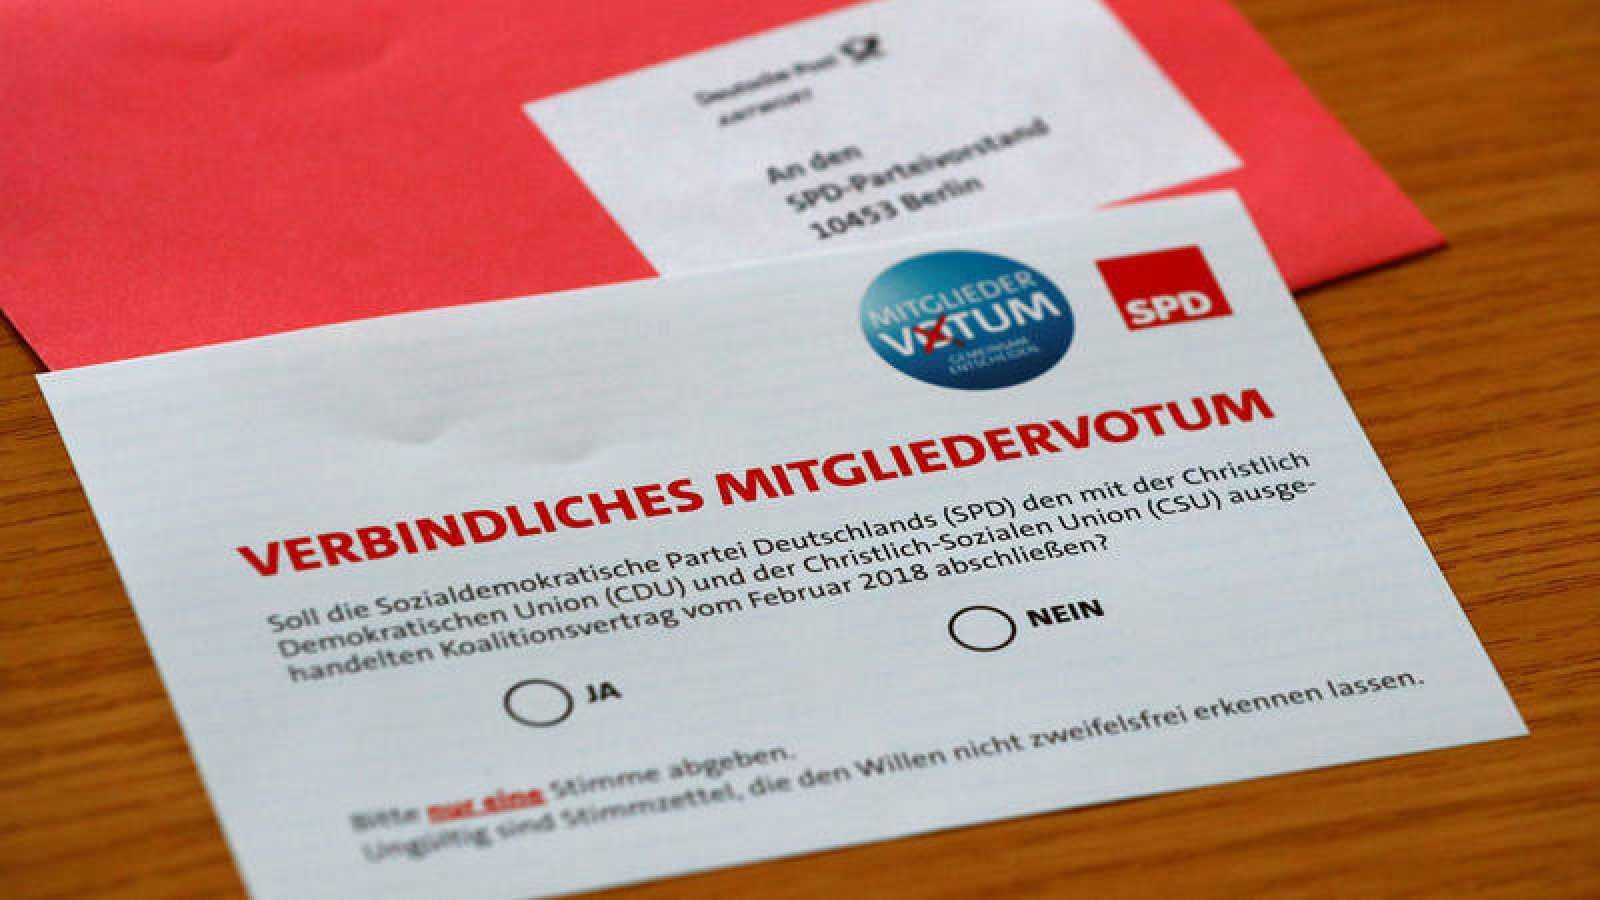 Papeleta del SPD de la consulta a sus militantes sobre el pacto de gobierno con Merkel